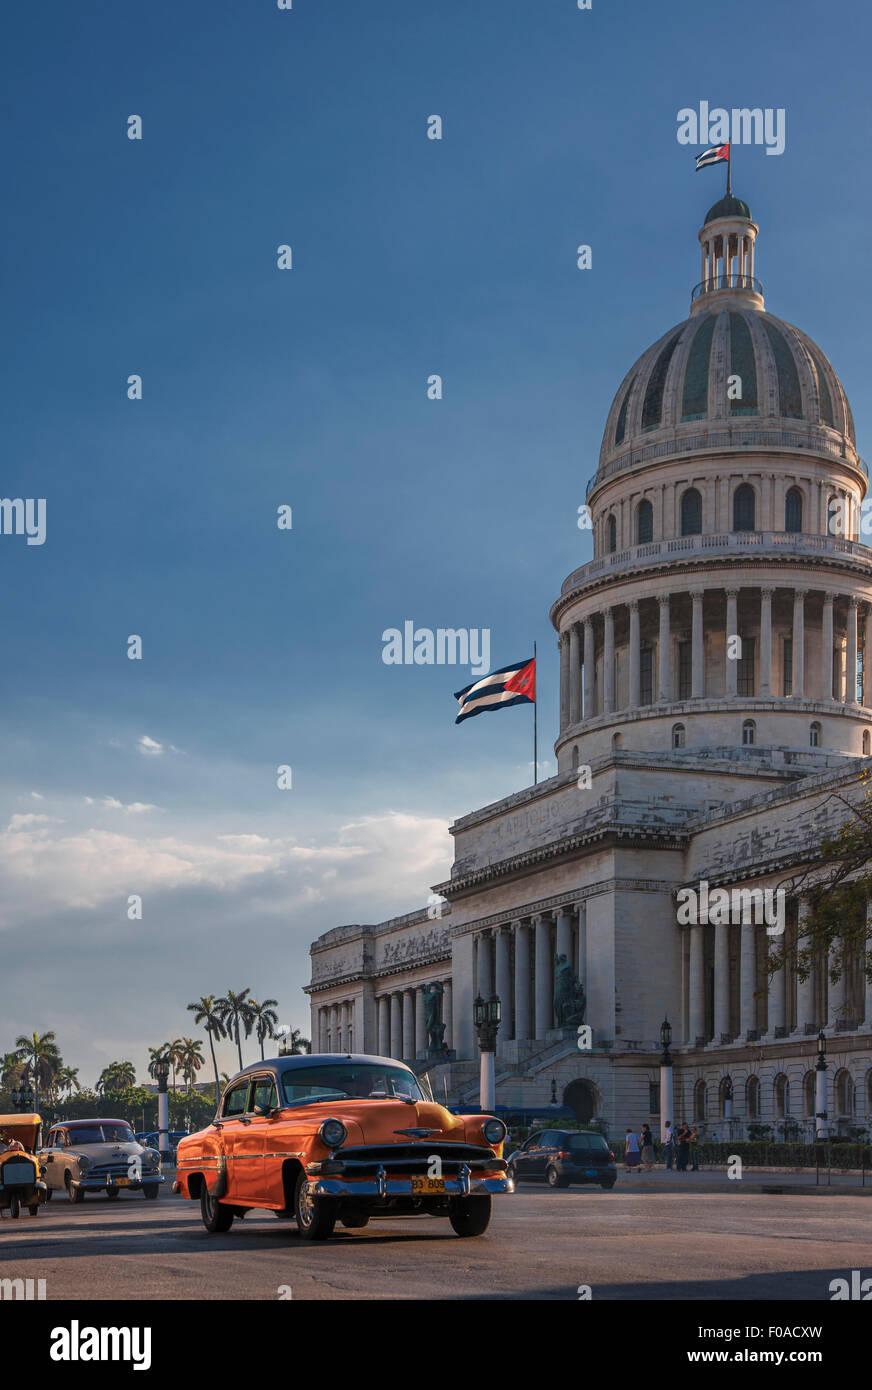 Vintage coche en frente del edificio del Capitolio, en La Habana, Cuba Imagen De Stock